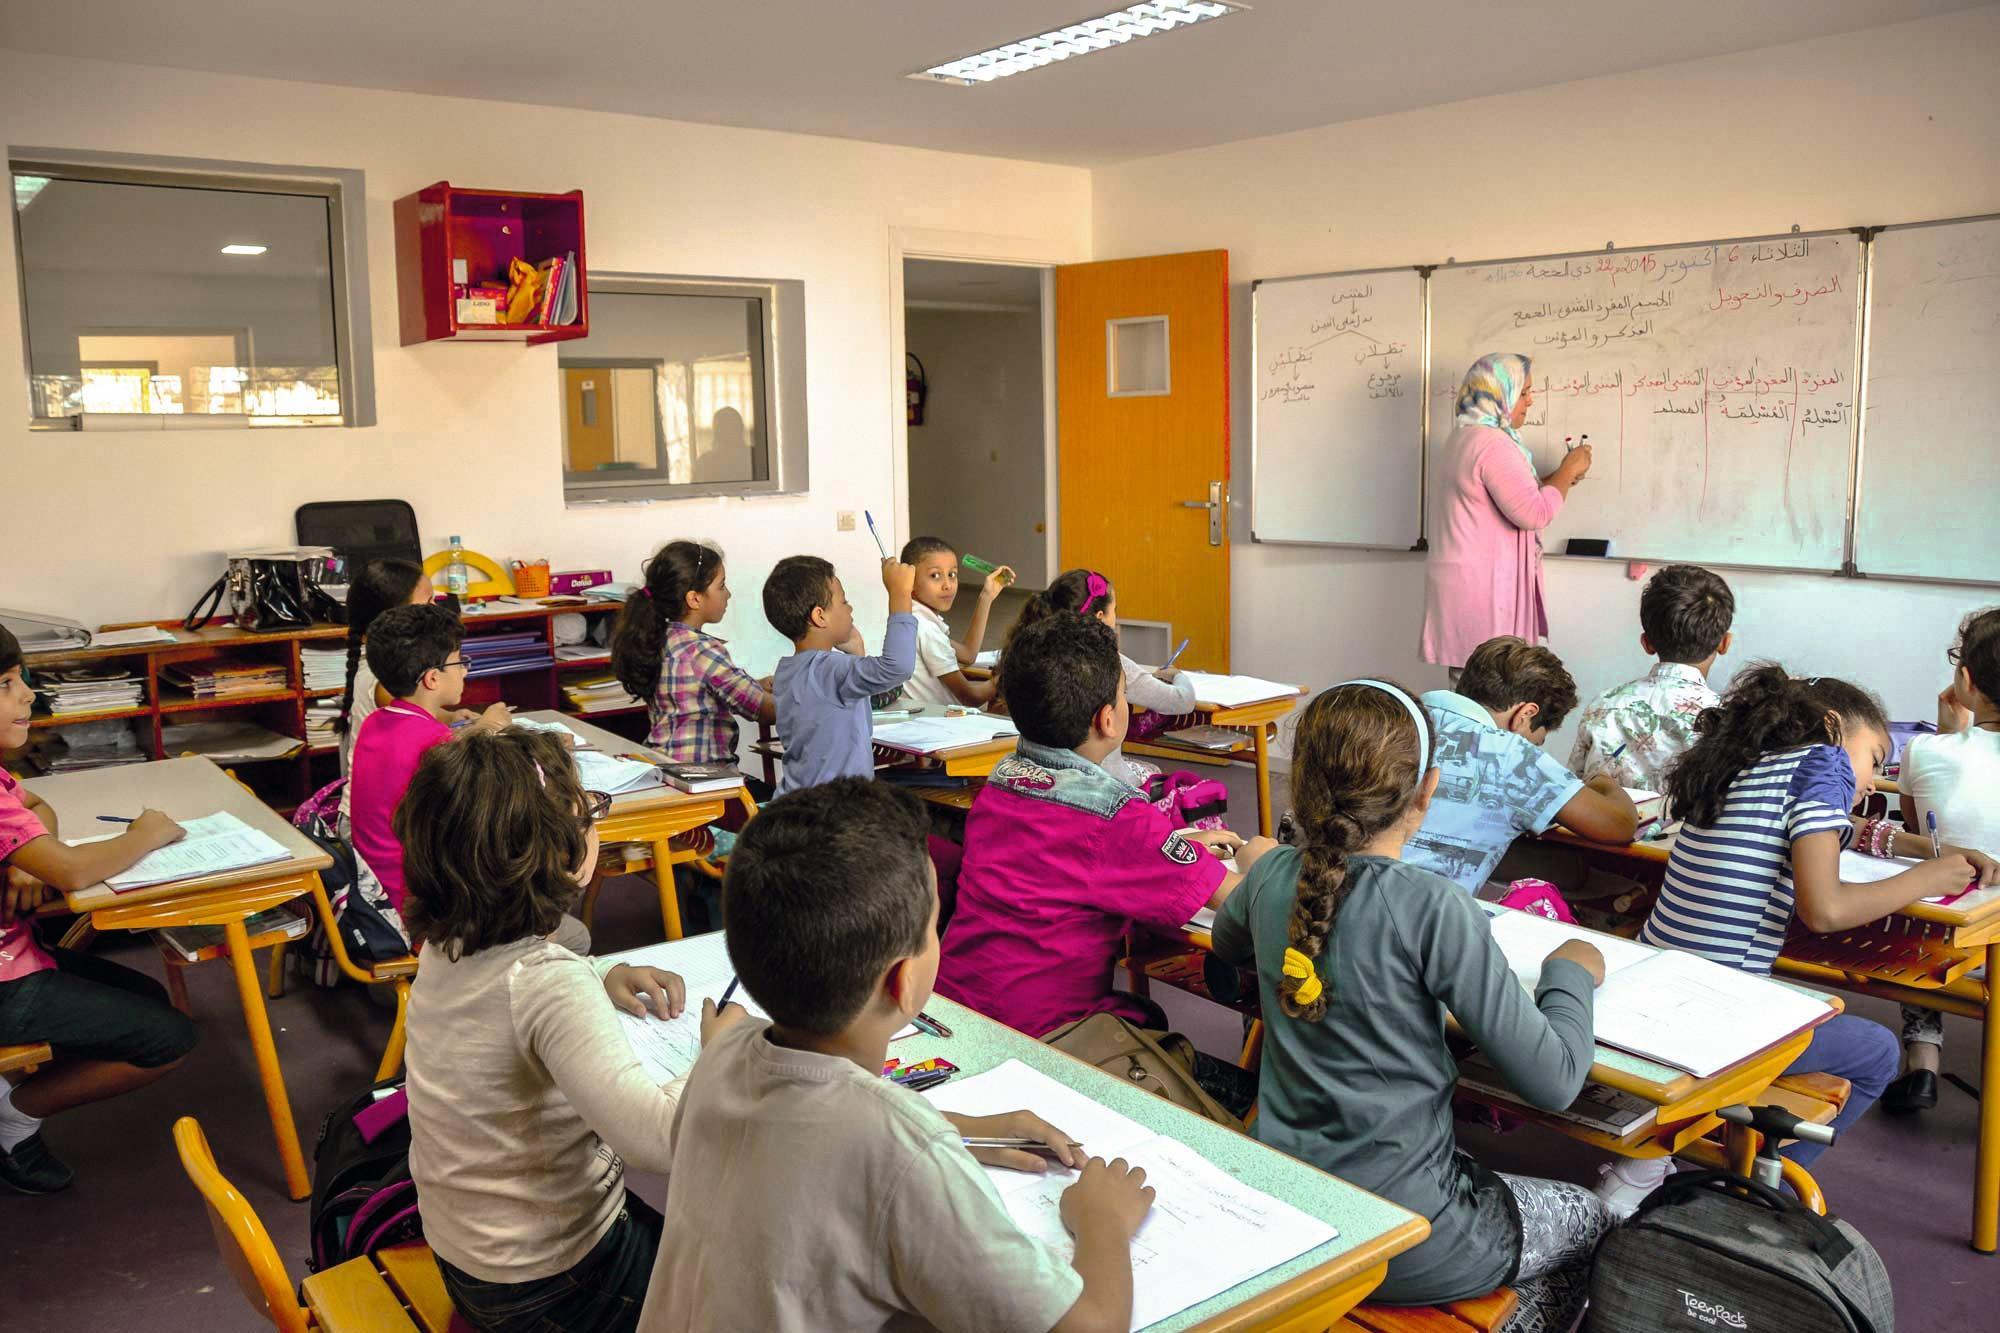 L'accès à l'enseignement est très inégal au Maroc